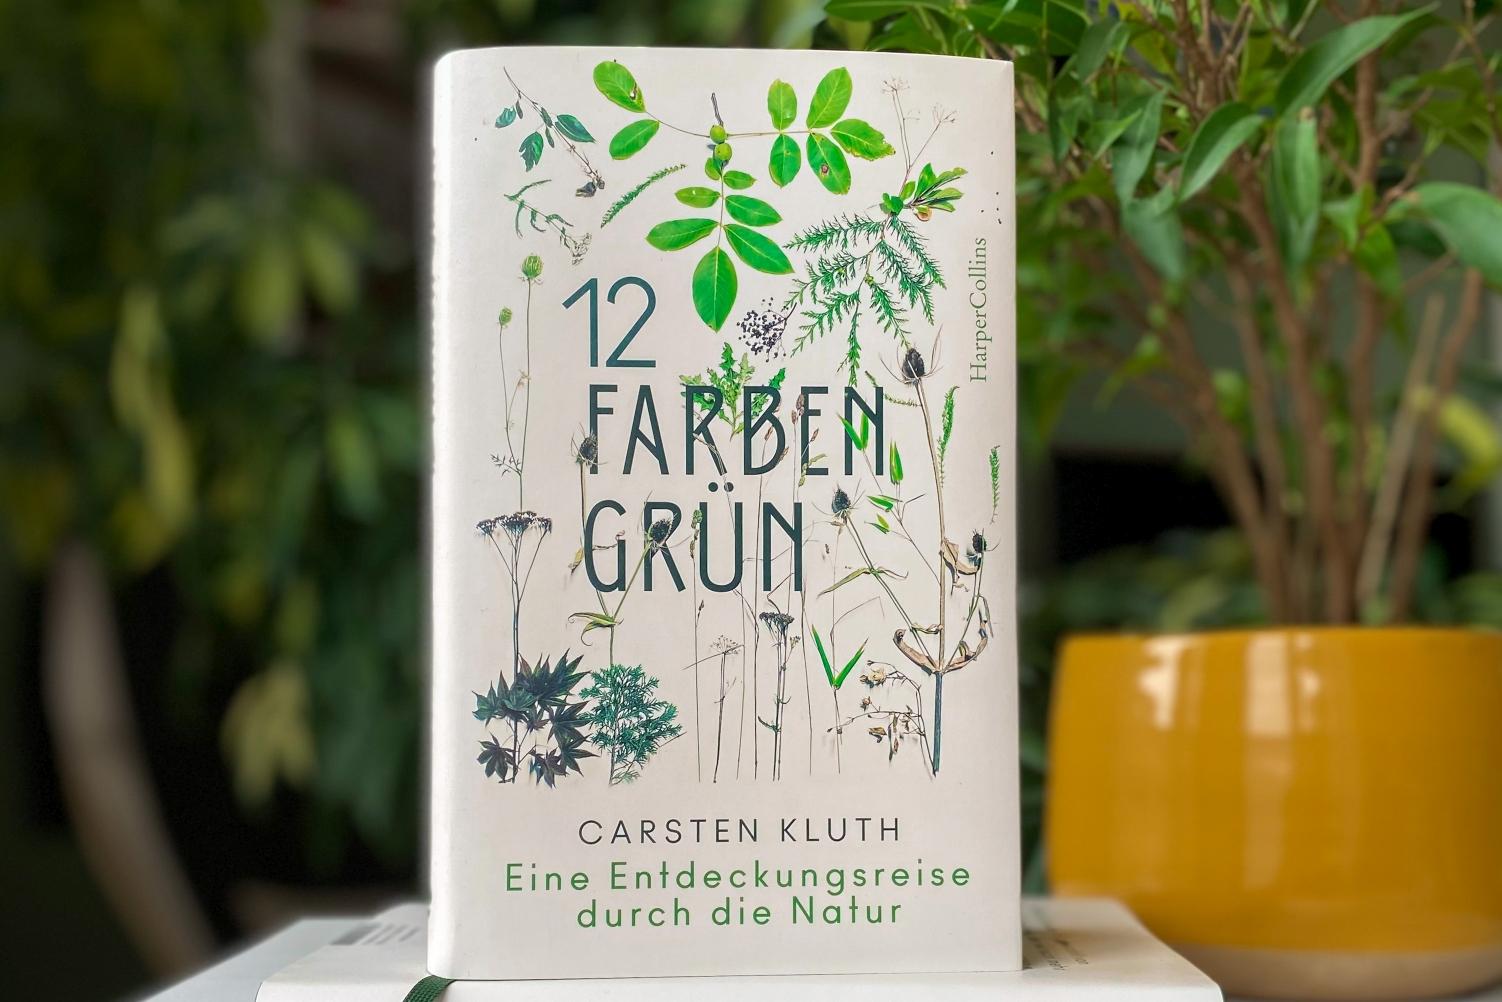 Carsten Kluth 12 Farben Grün holsteinisches Land Natur Garten Harpercollins